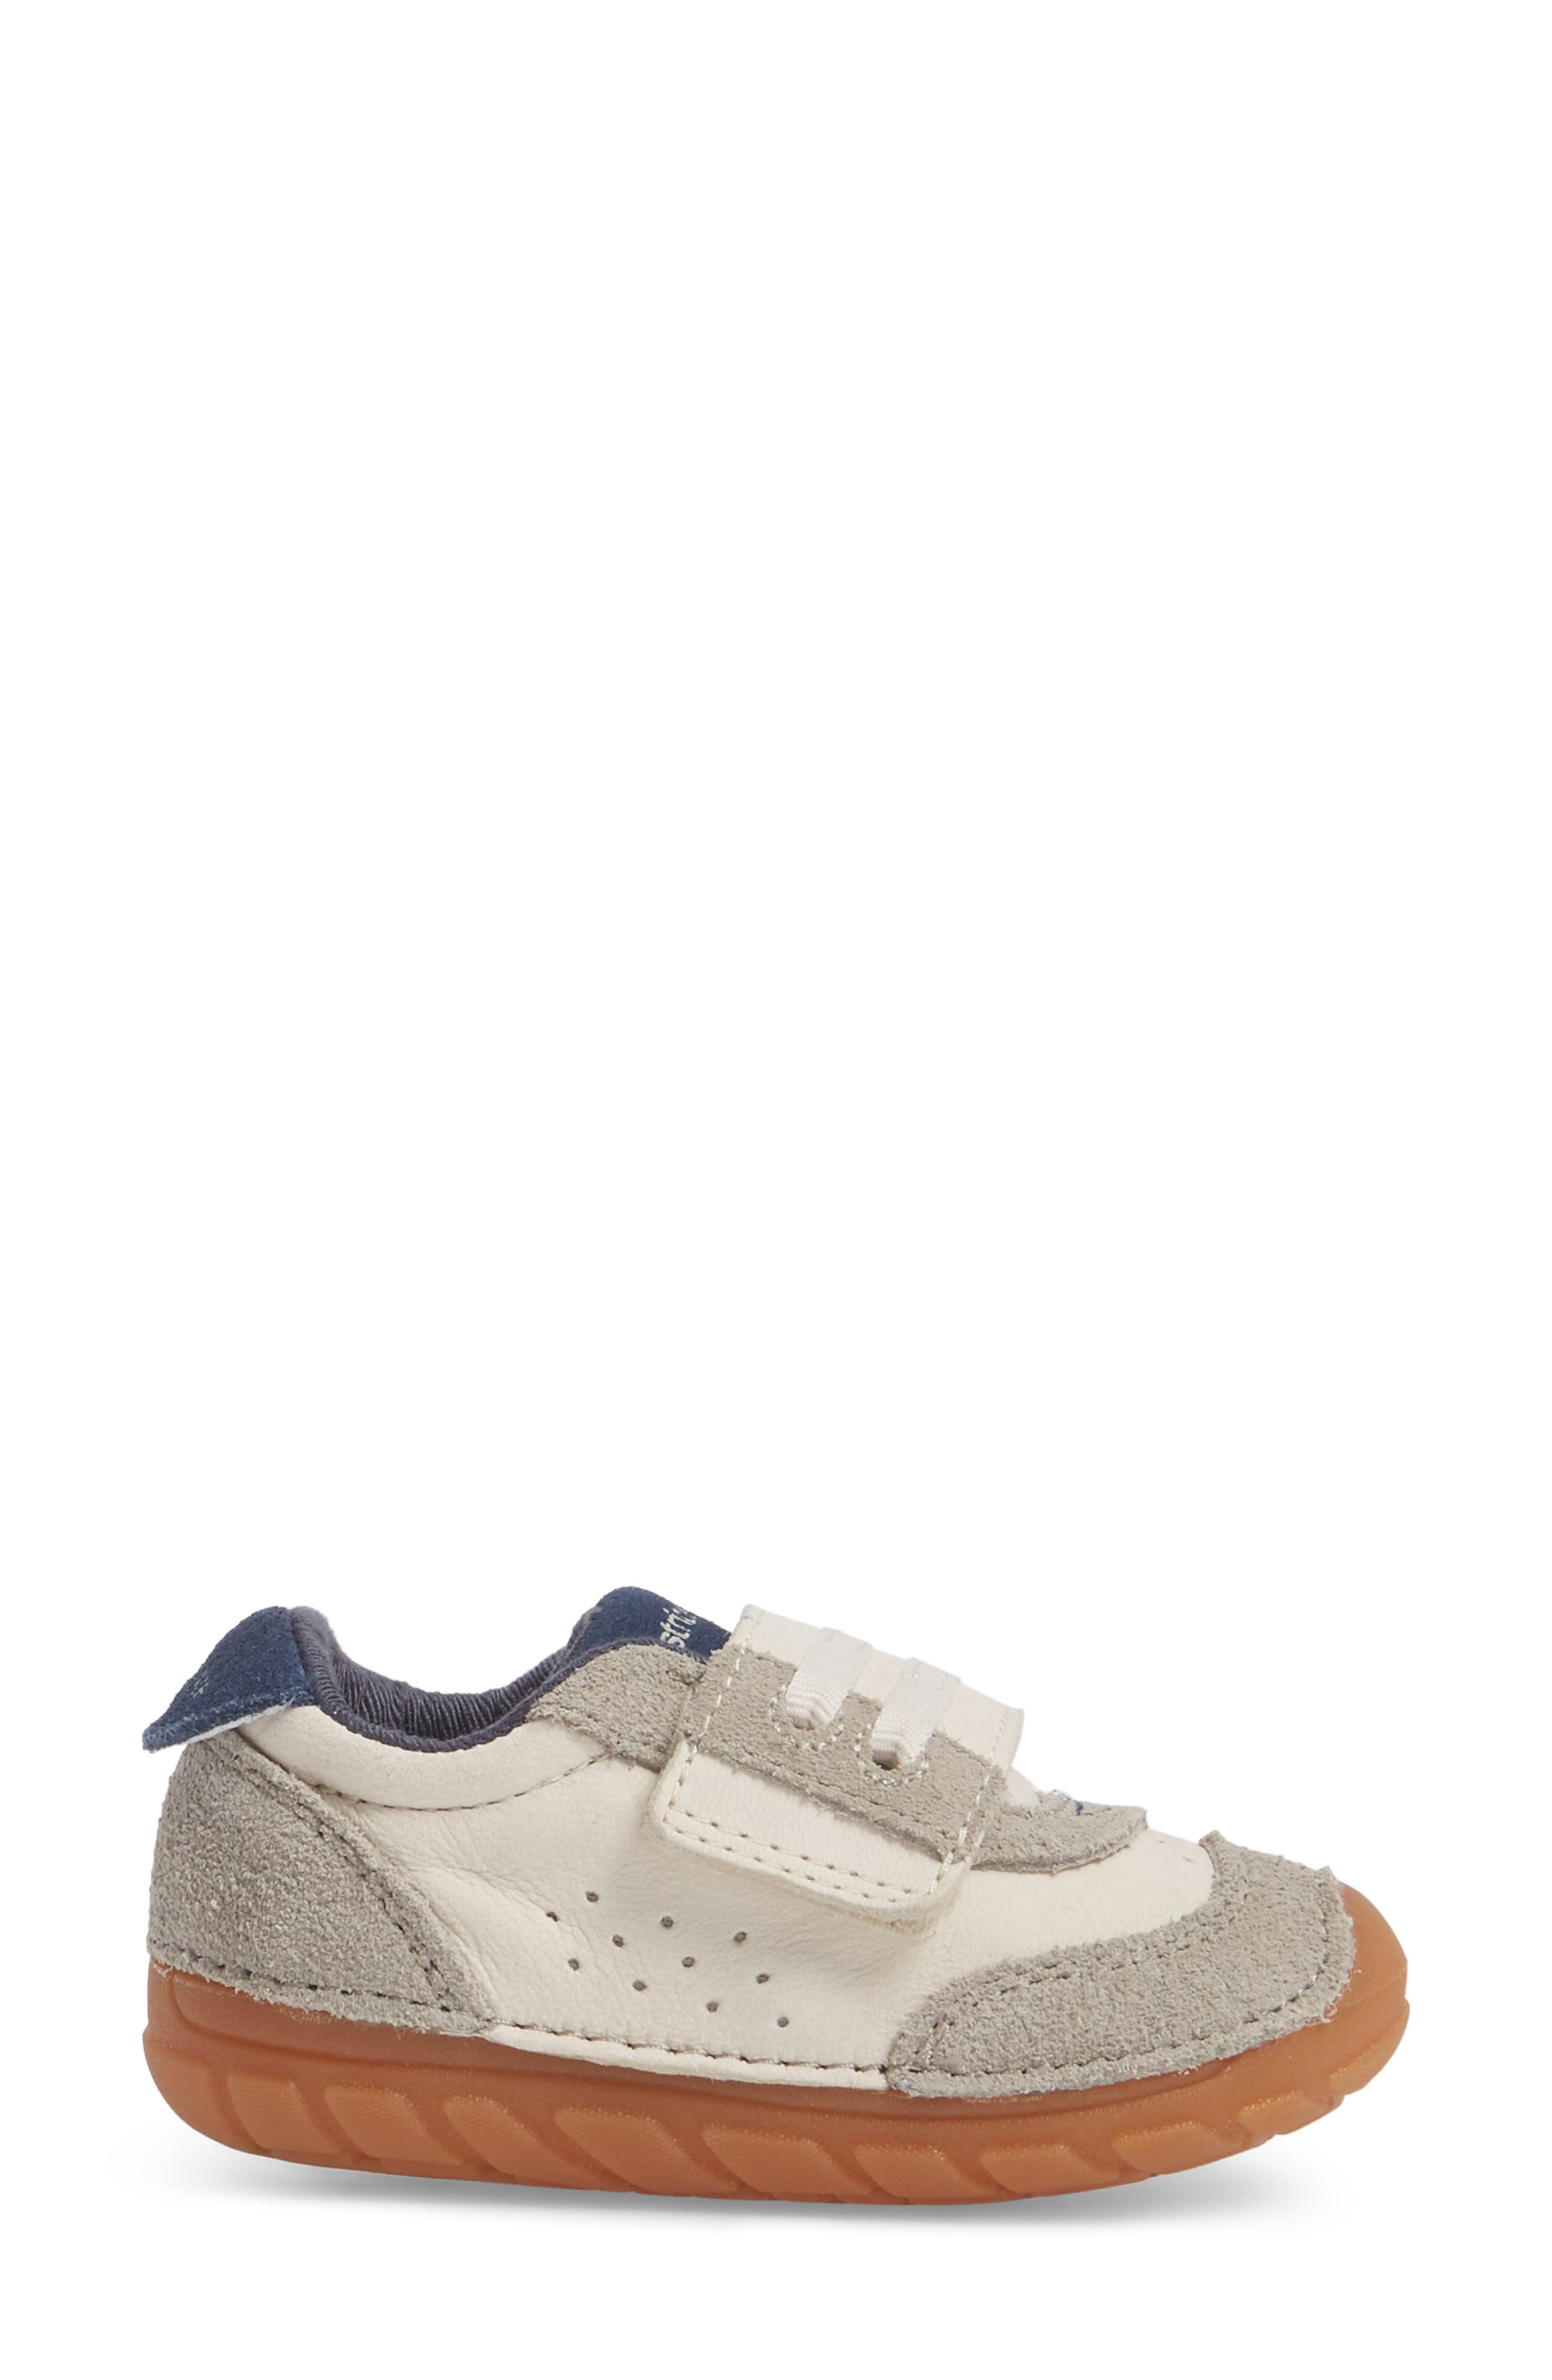 Soft Motion SRT Wyatt Sneaker,                             Alternate thumbnail 3, color,                             Stone Leather